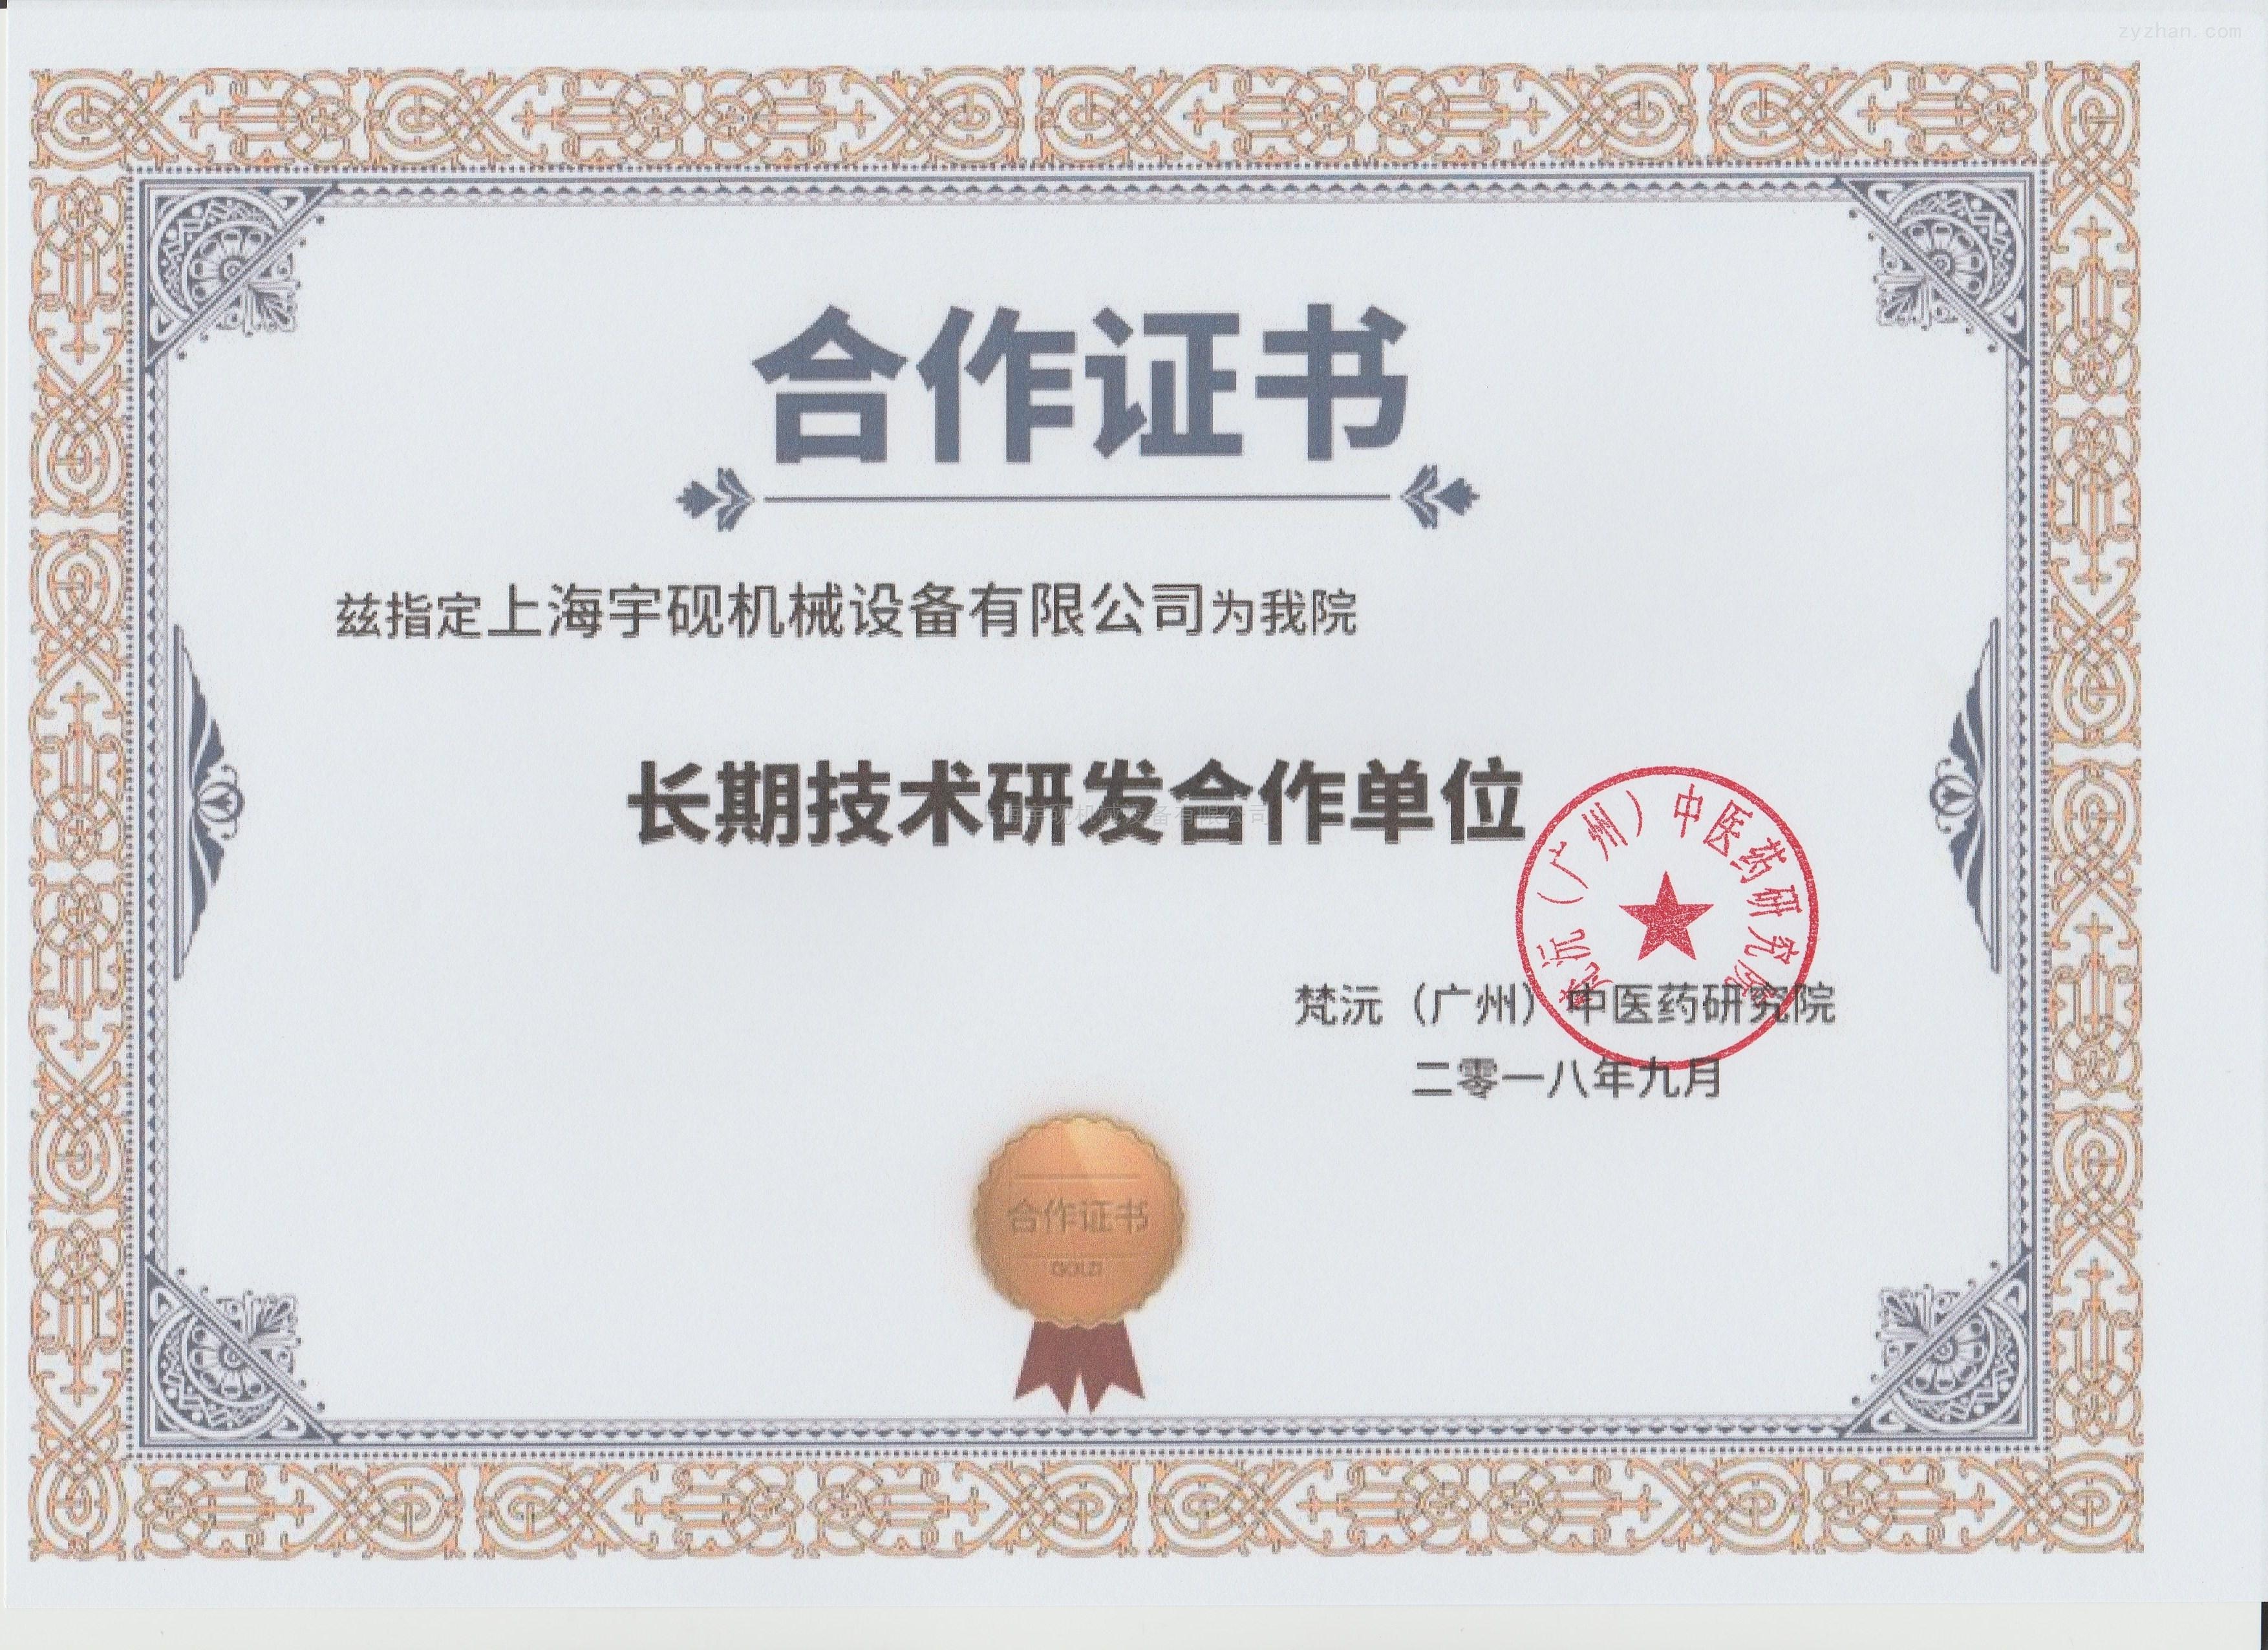 中医药研究院合作证书